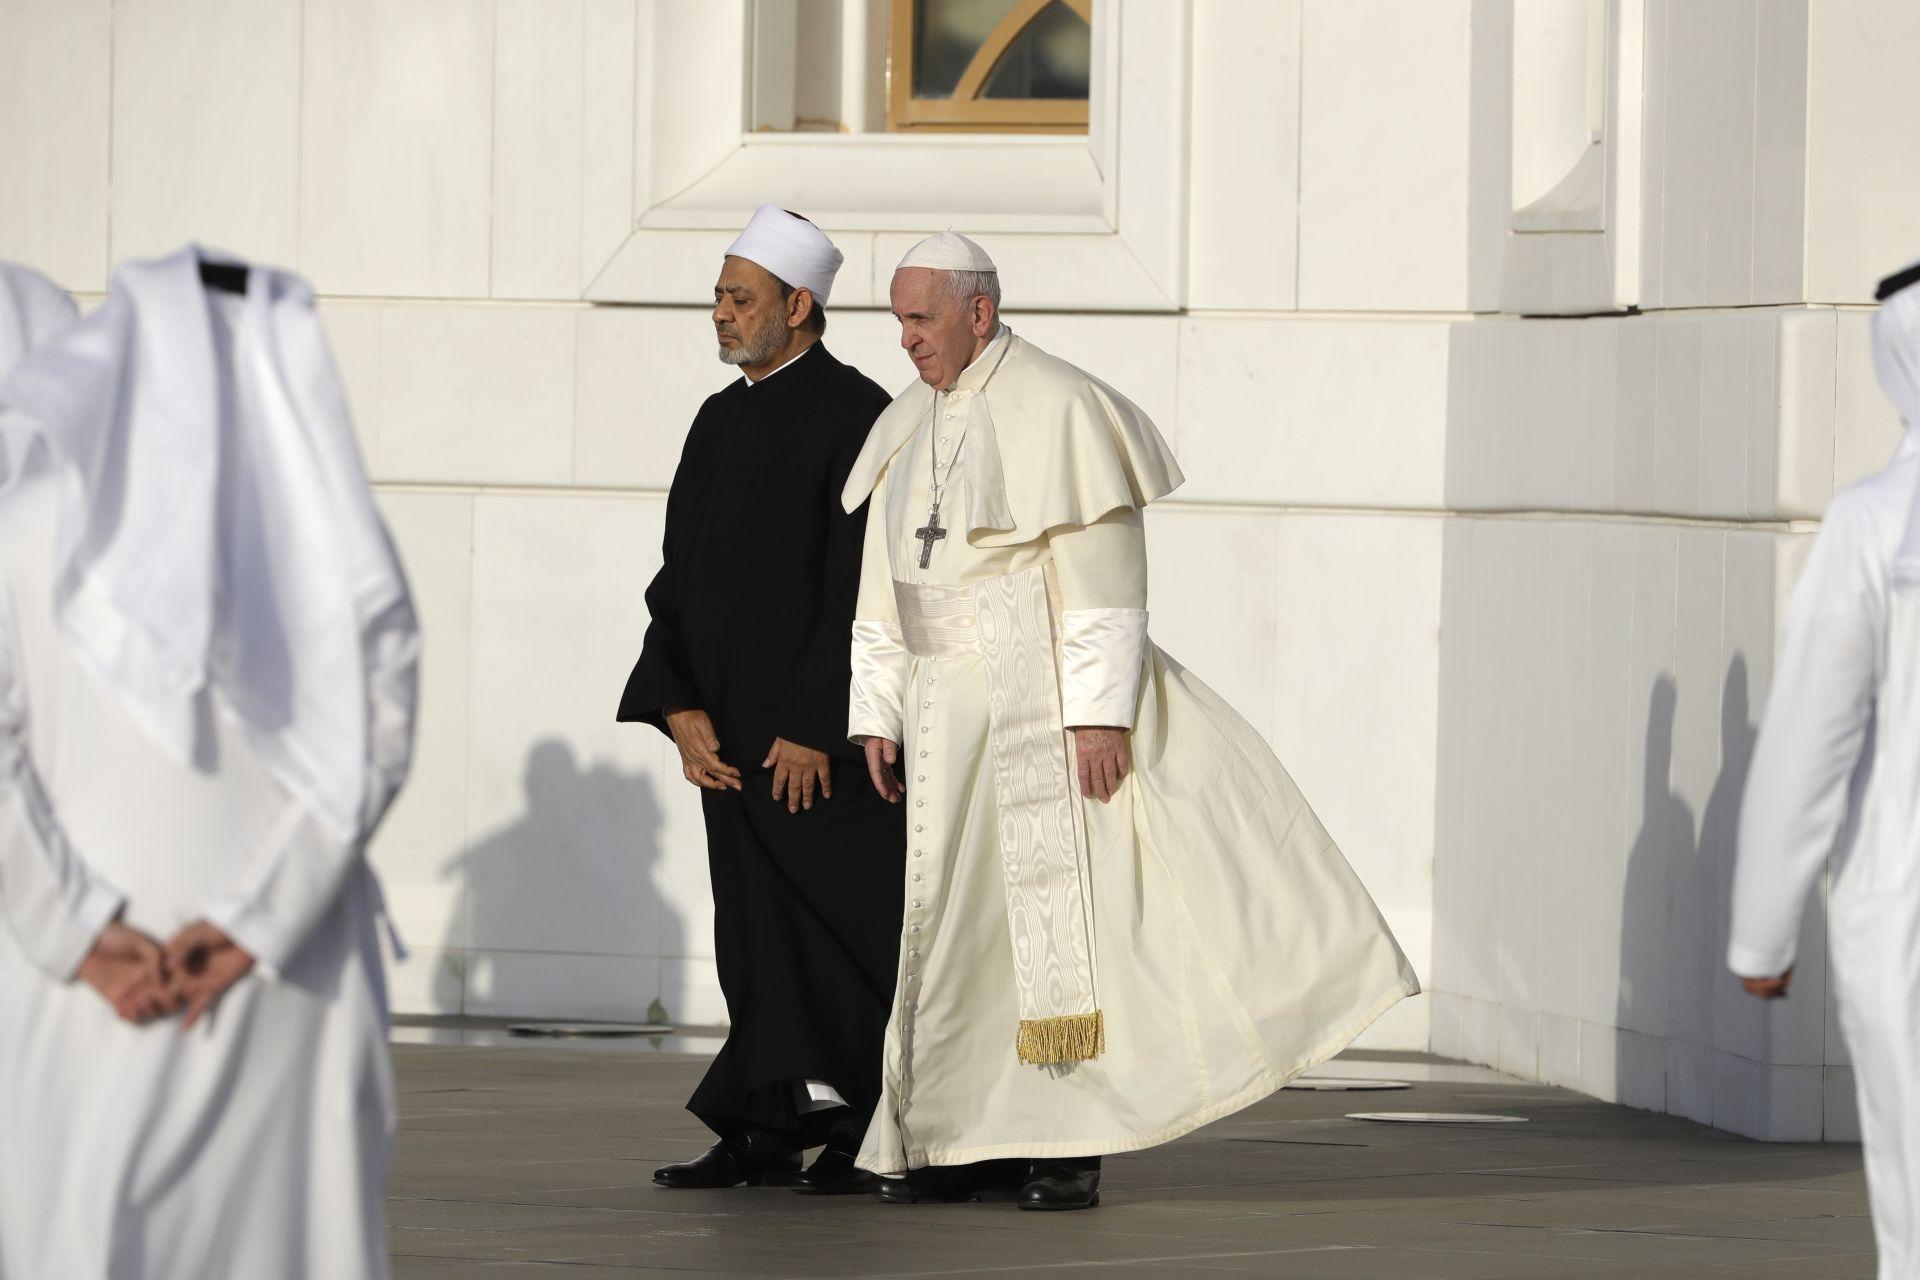 Шейх Ахмед ал Тайеб посрещна папа Франциск за частна среща с членове на мюсюлманския съвет на старейшините в джамията в Абу Даби